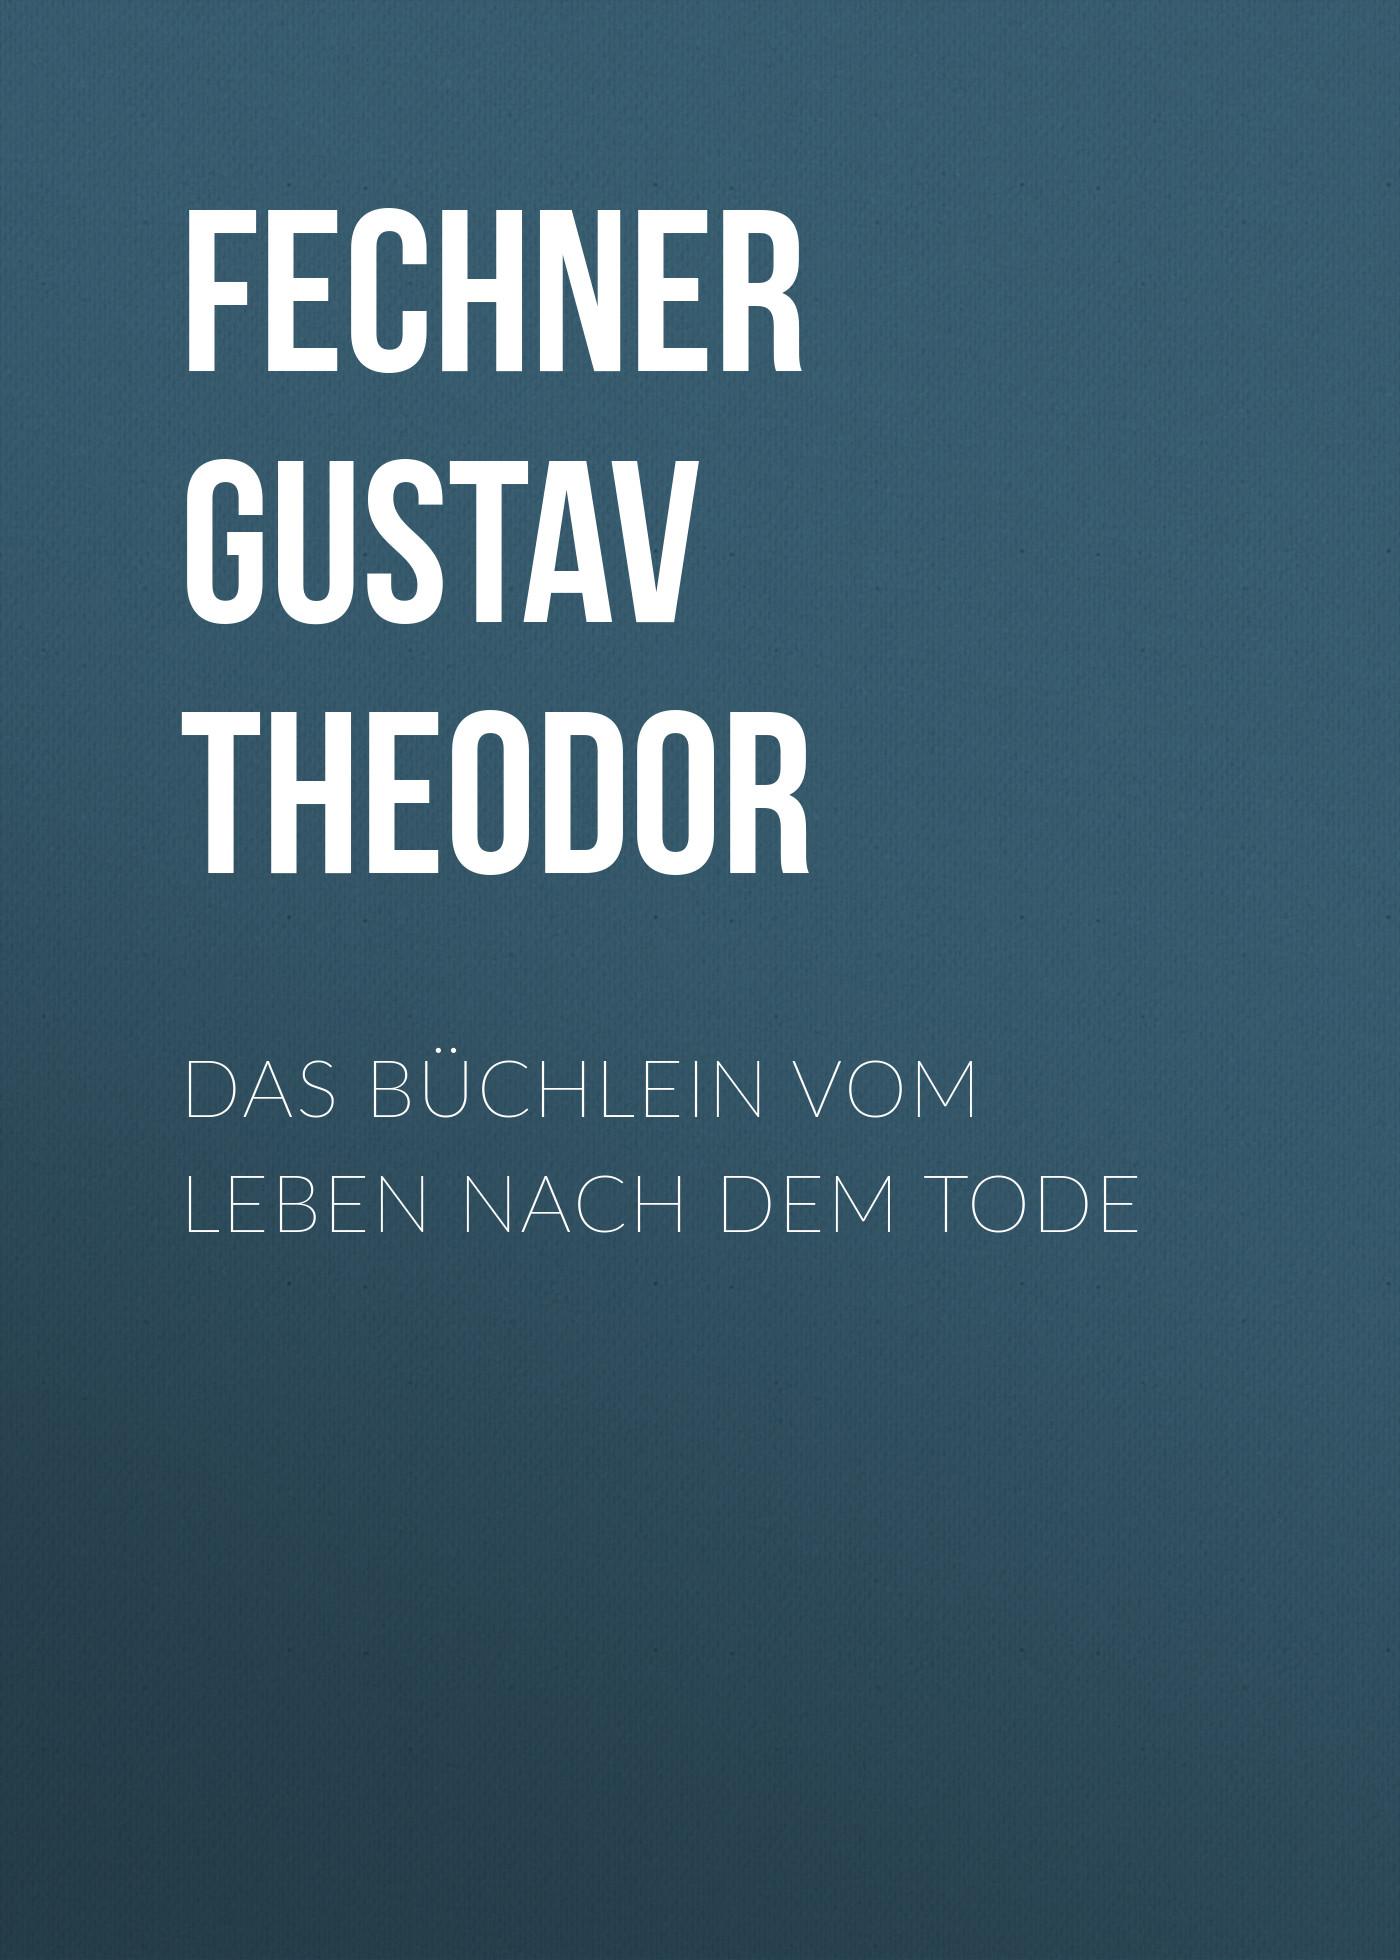 Fechner Gustav Theodor Das Büchlein vom Leben nach dem Tode